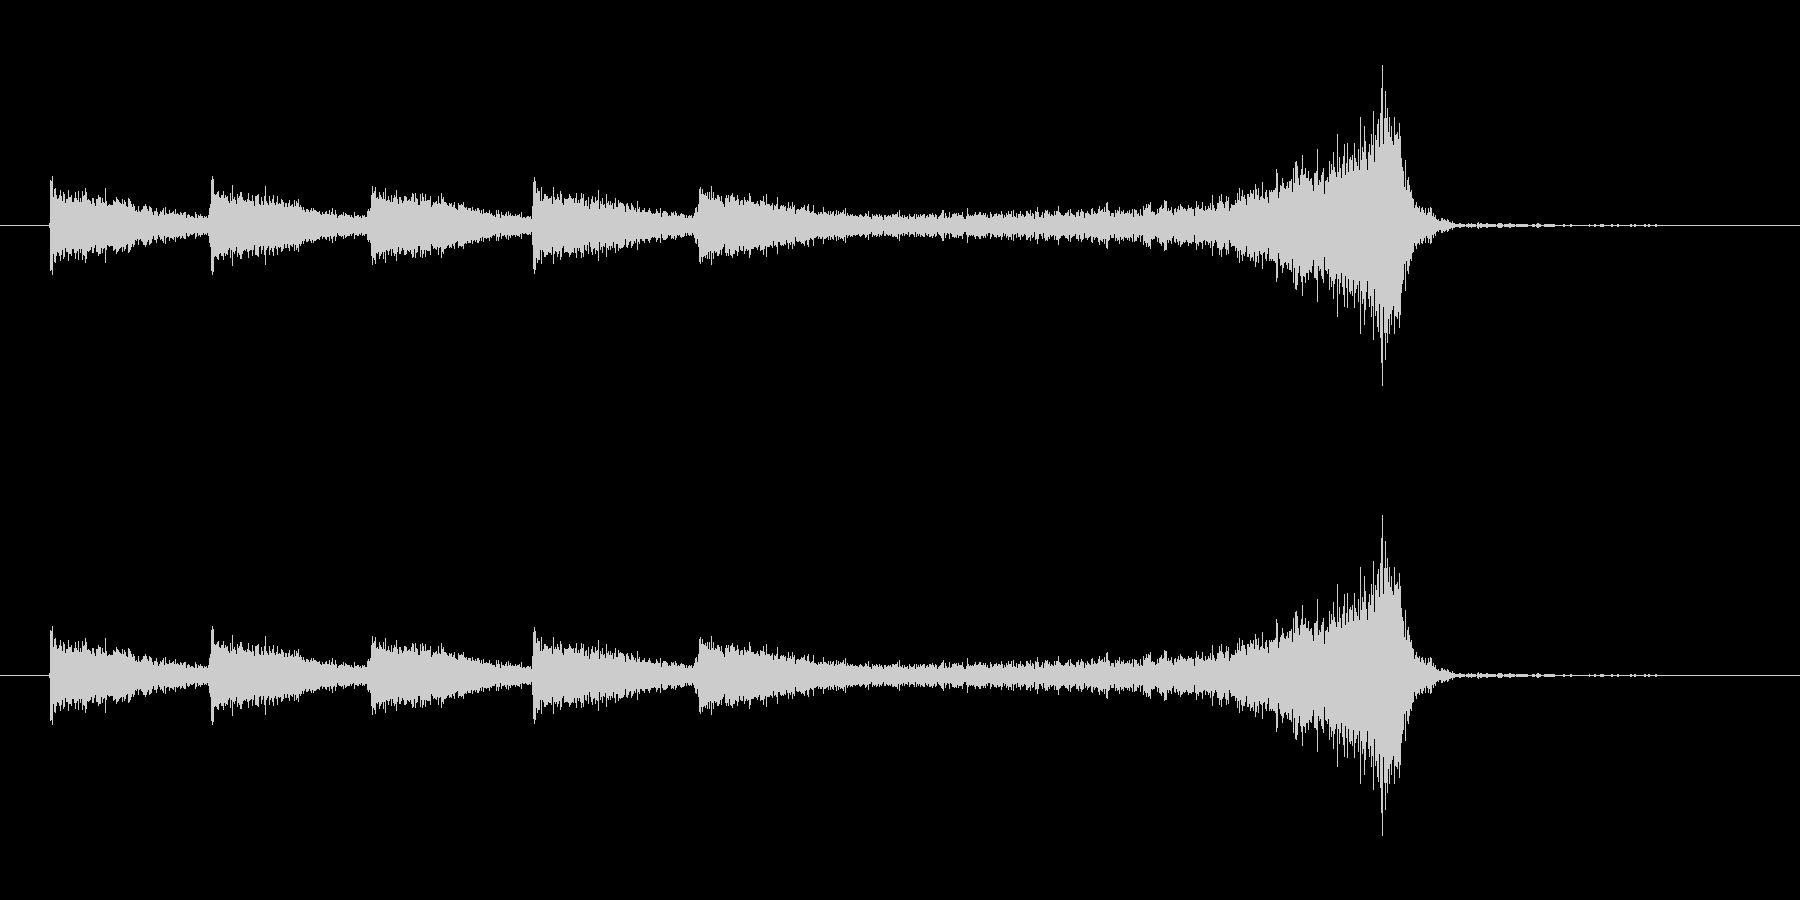 ヒュンヒュン(風が舞い上がる音)の未再生の波形